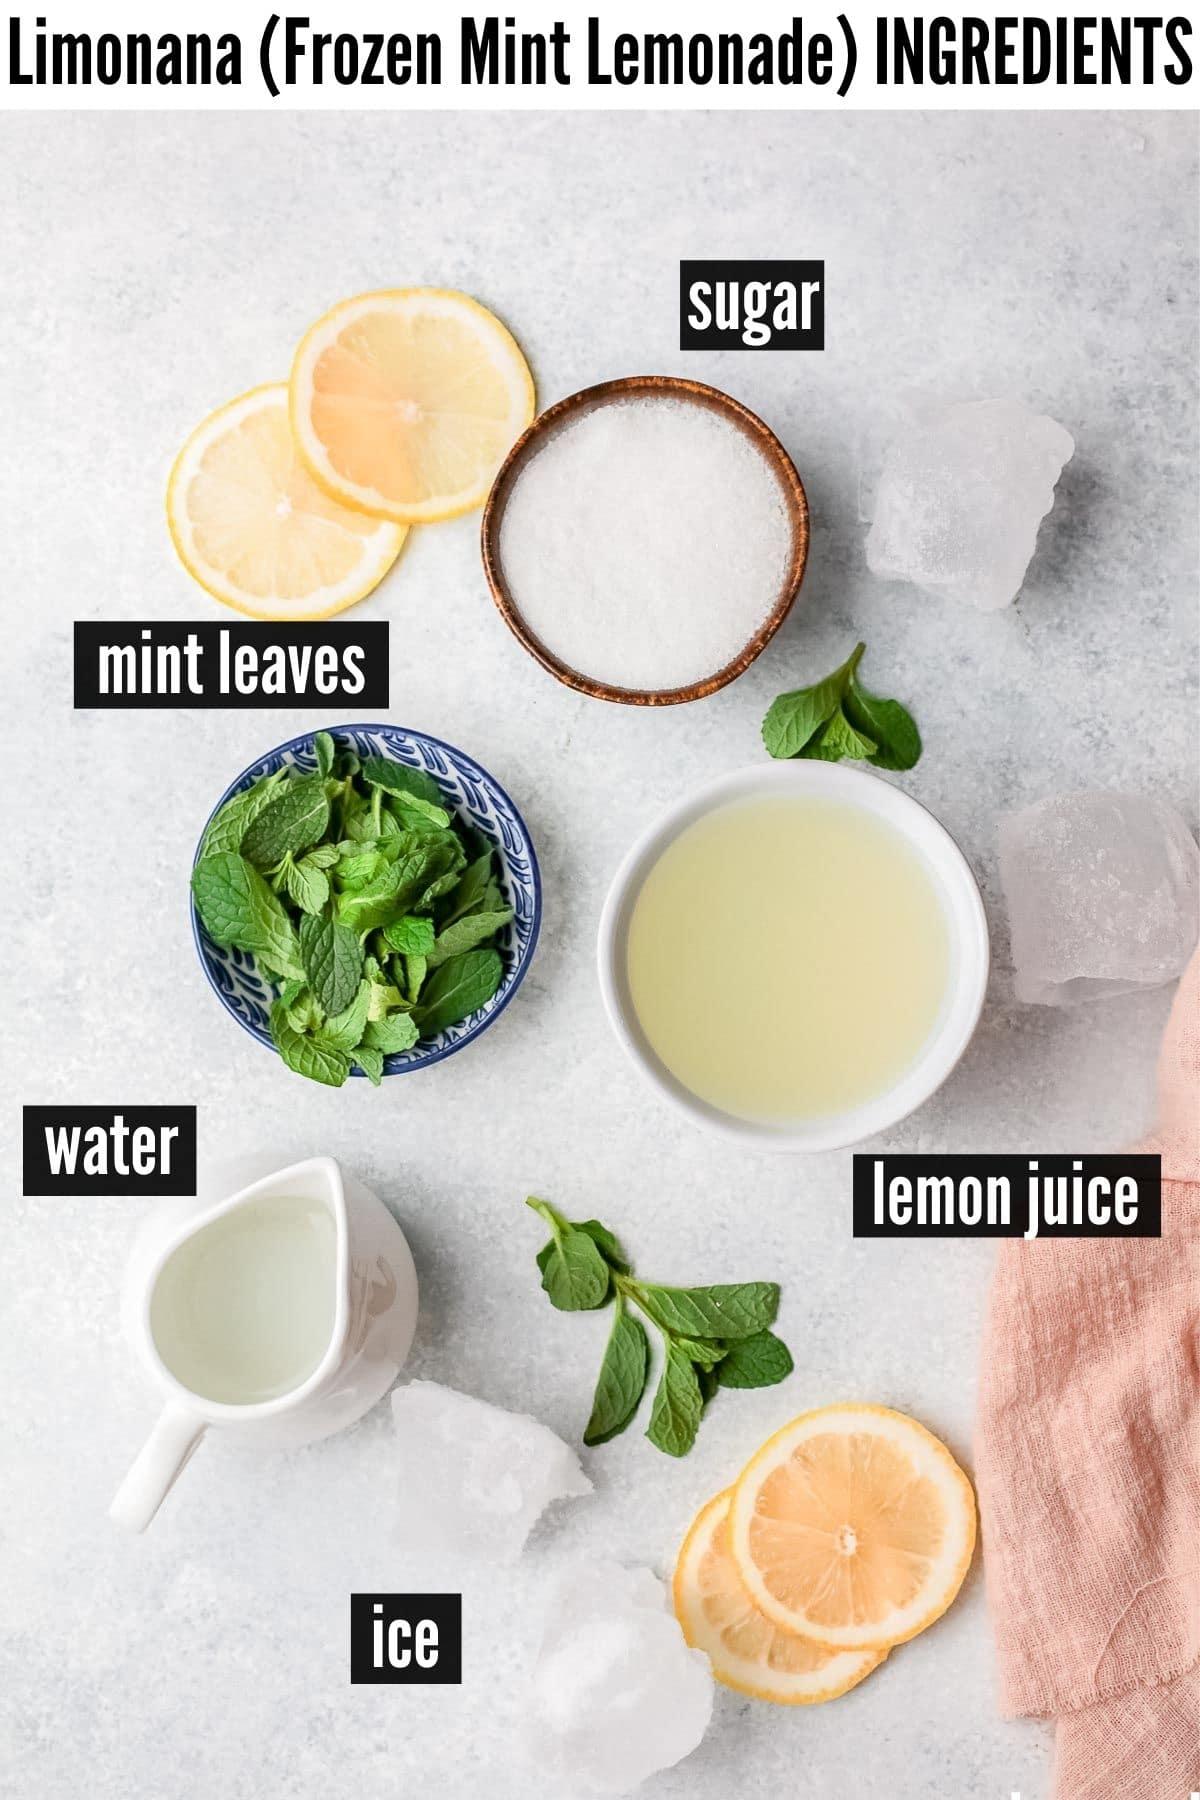 limonana ingredients